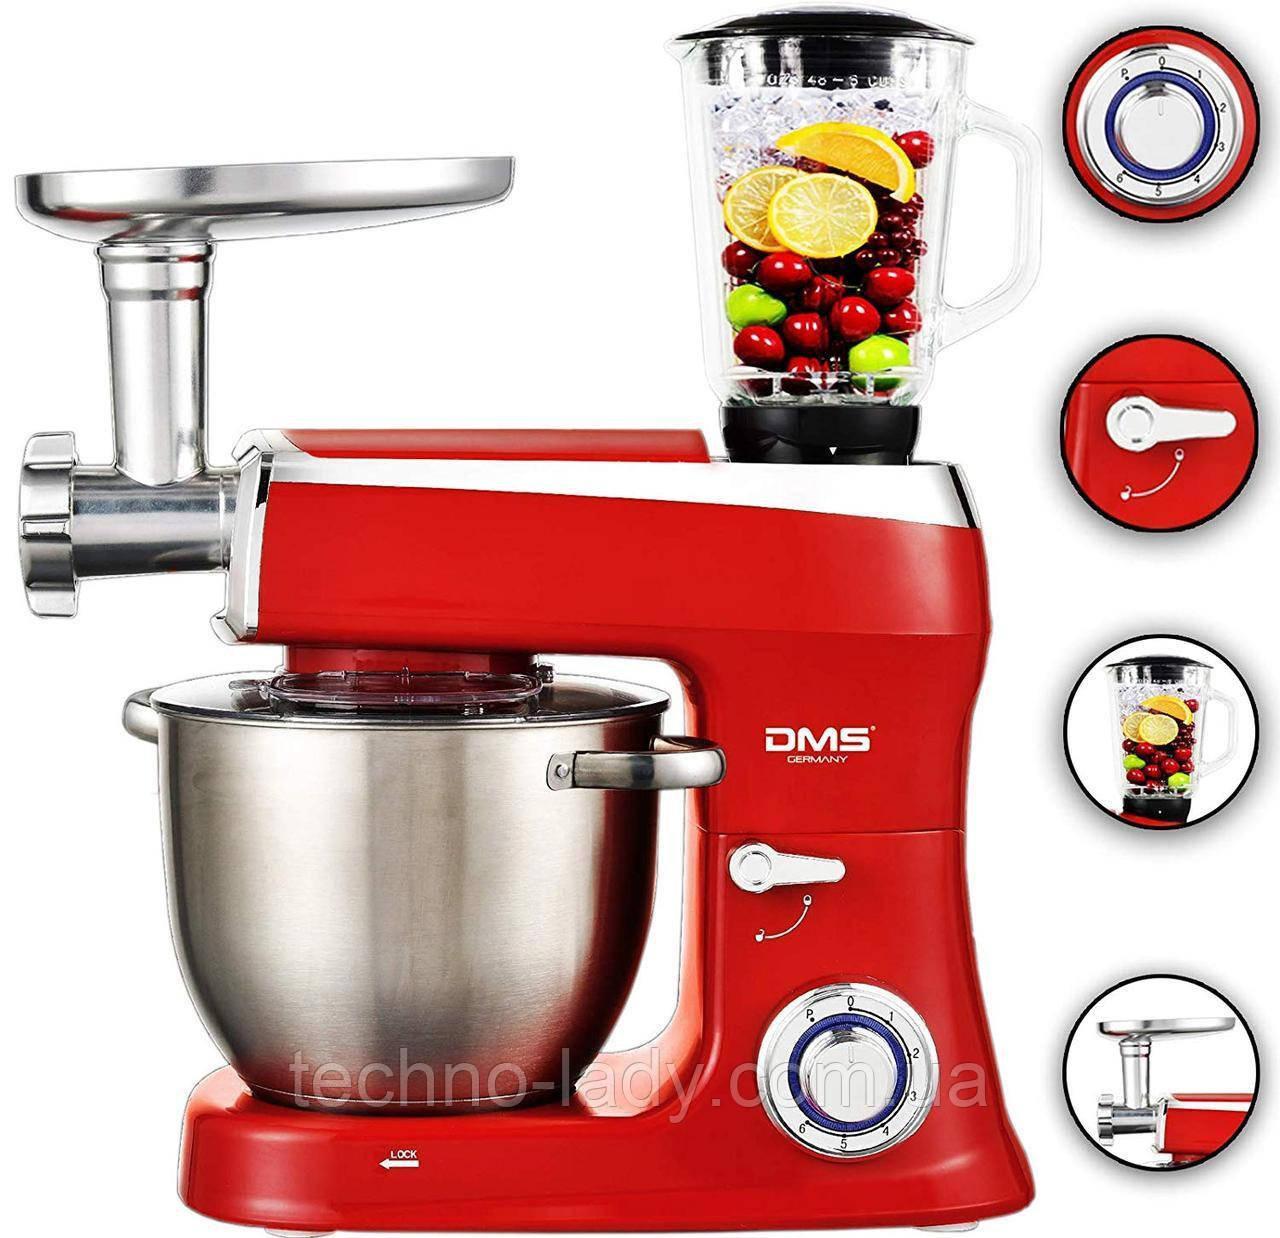 Кухонный комбайн, тестомес DMS 3в1 2100w RED